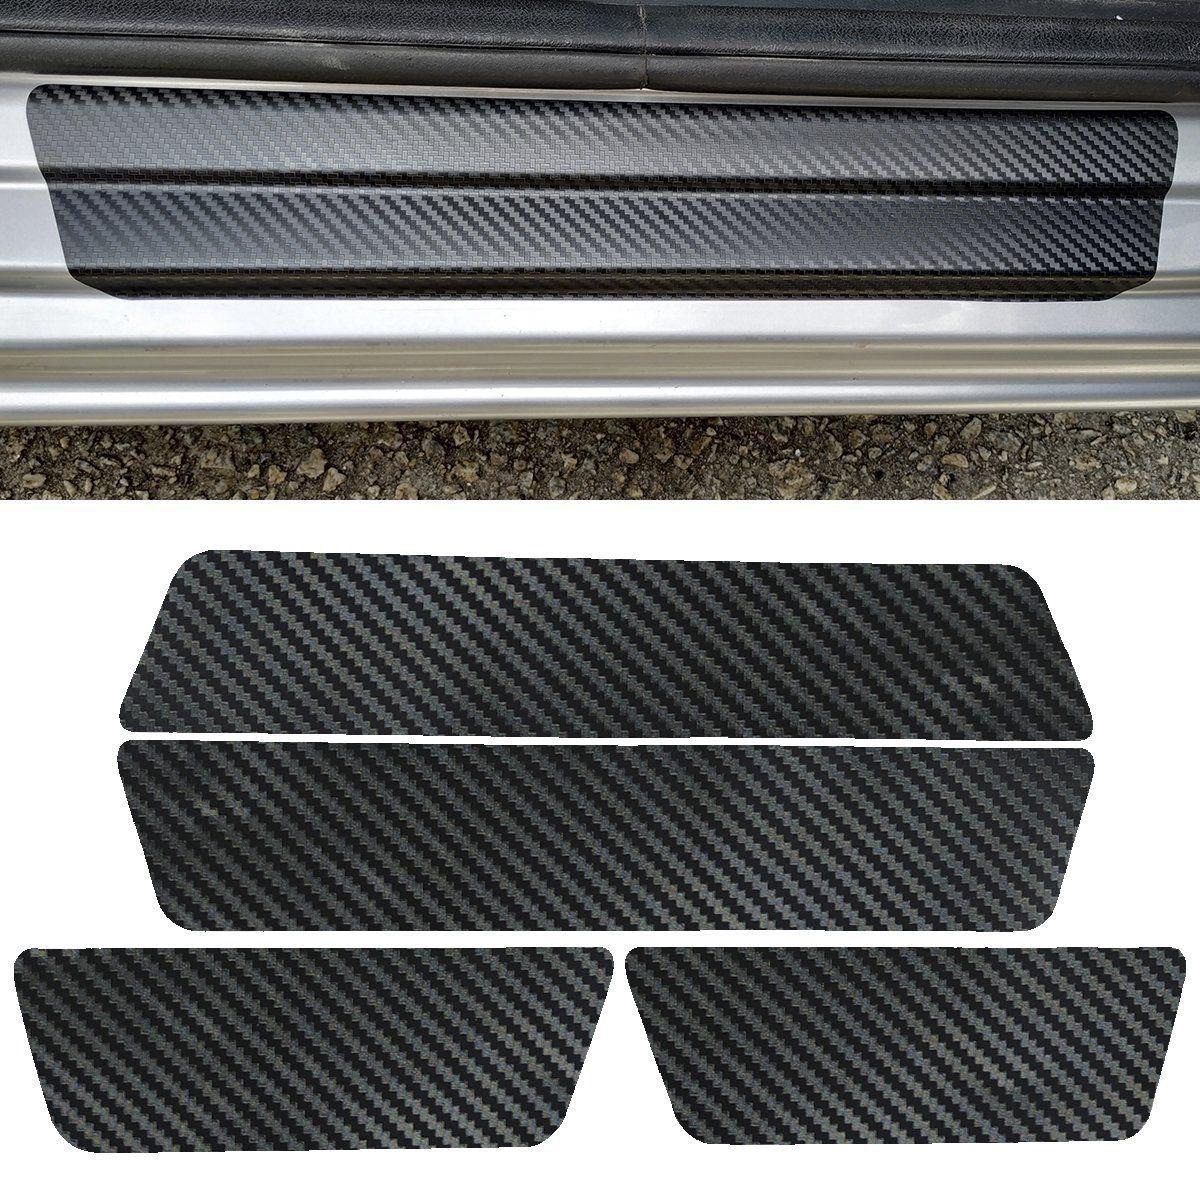 Kit Soleira Protetora Porta Adesivo Carbono Universal - 4pçs